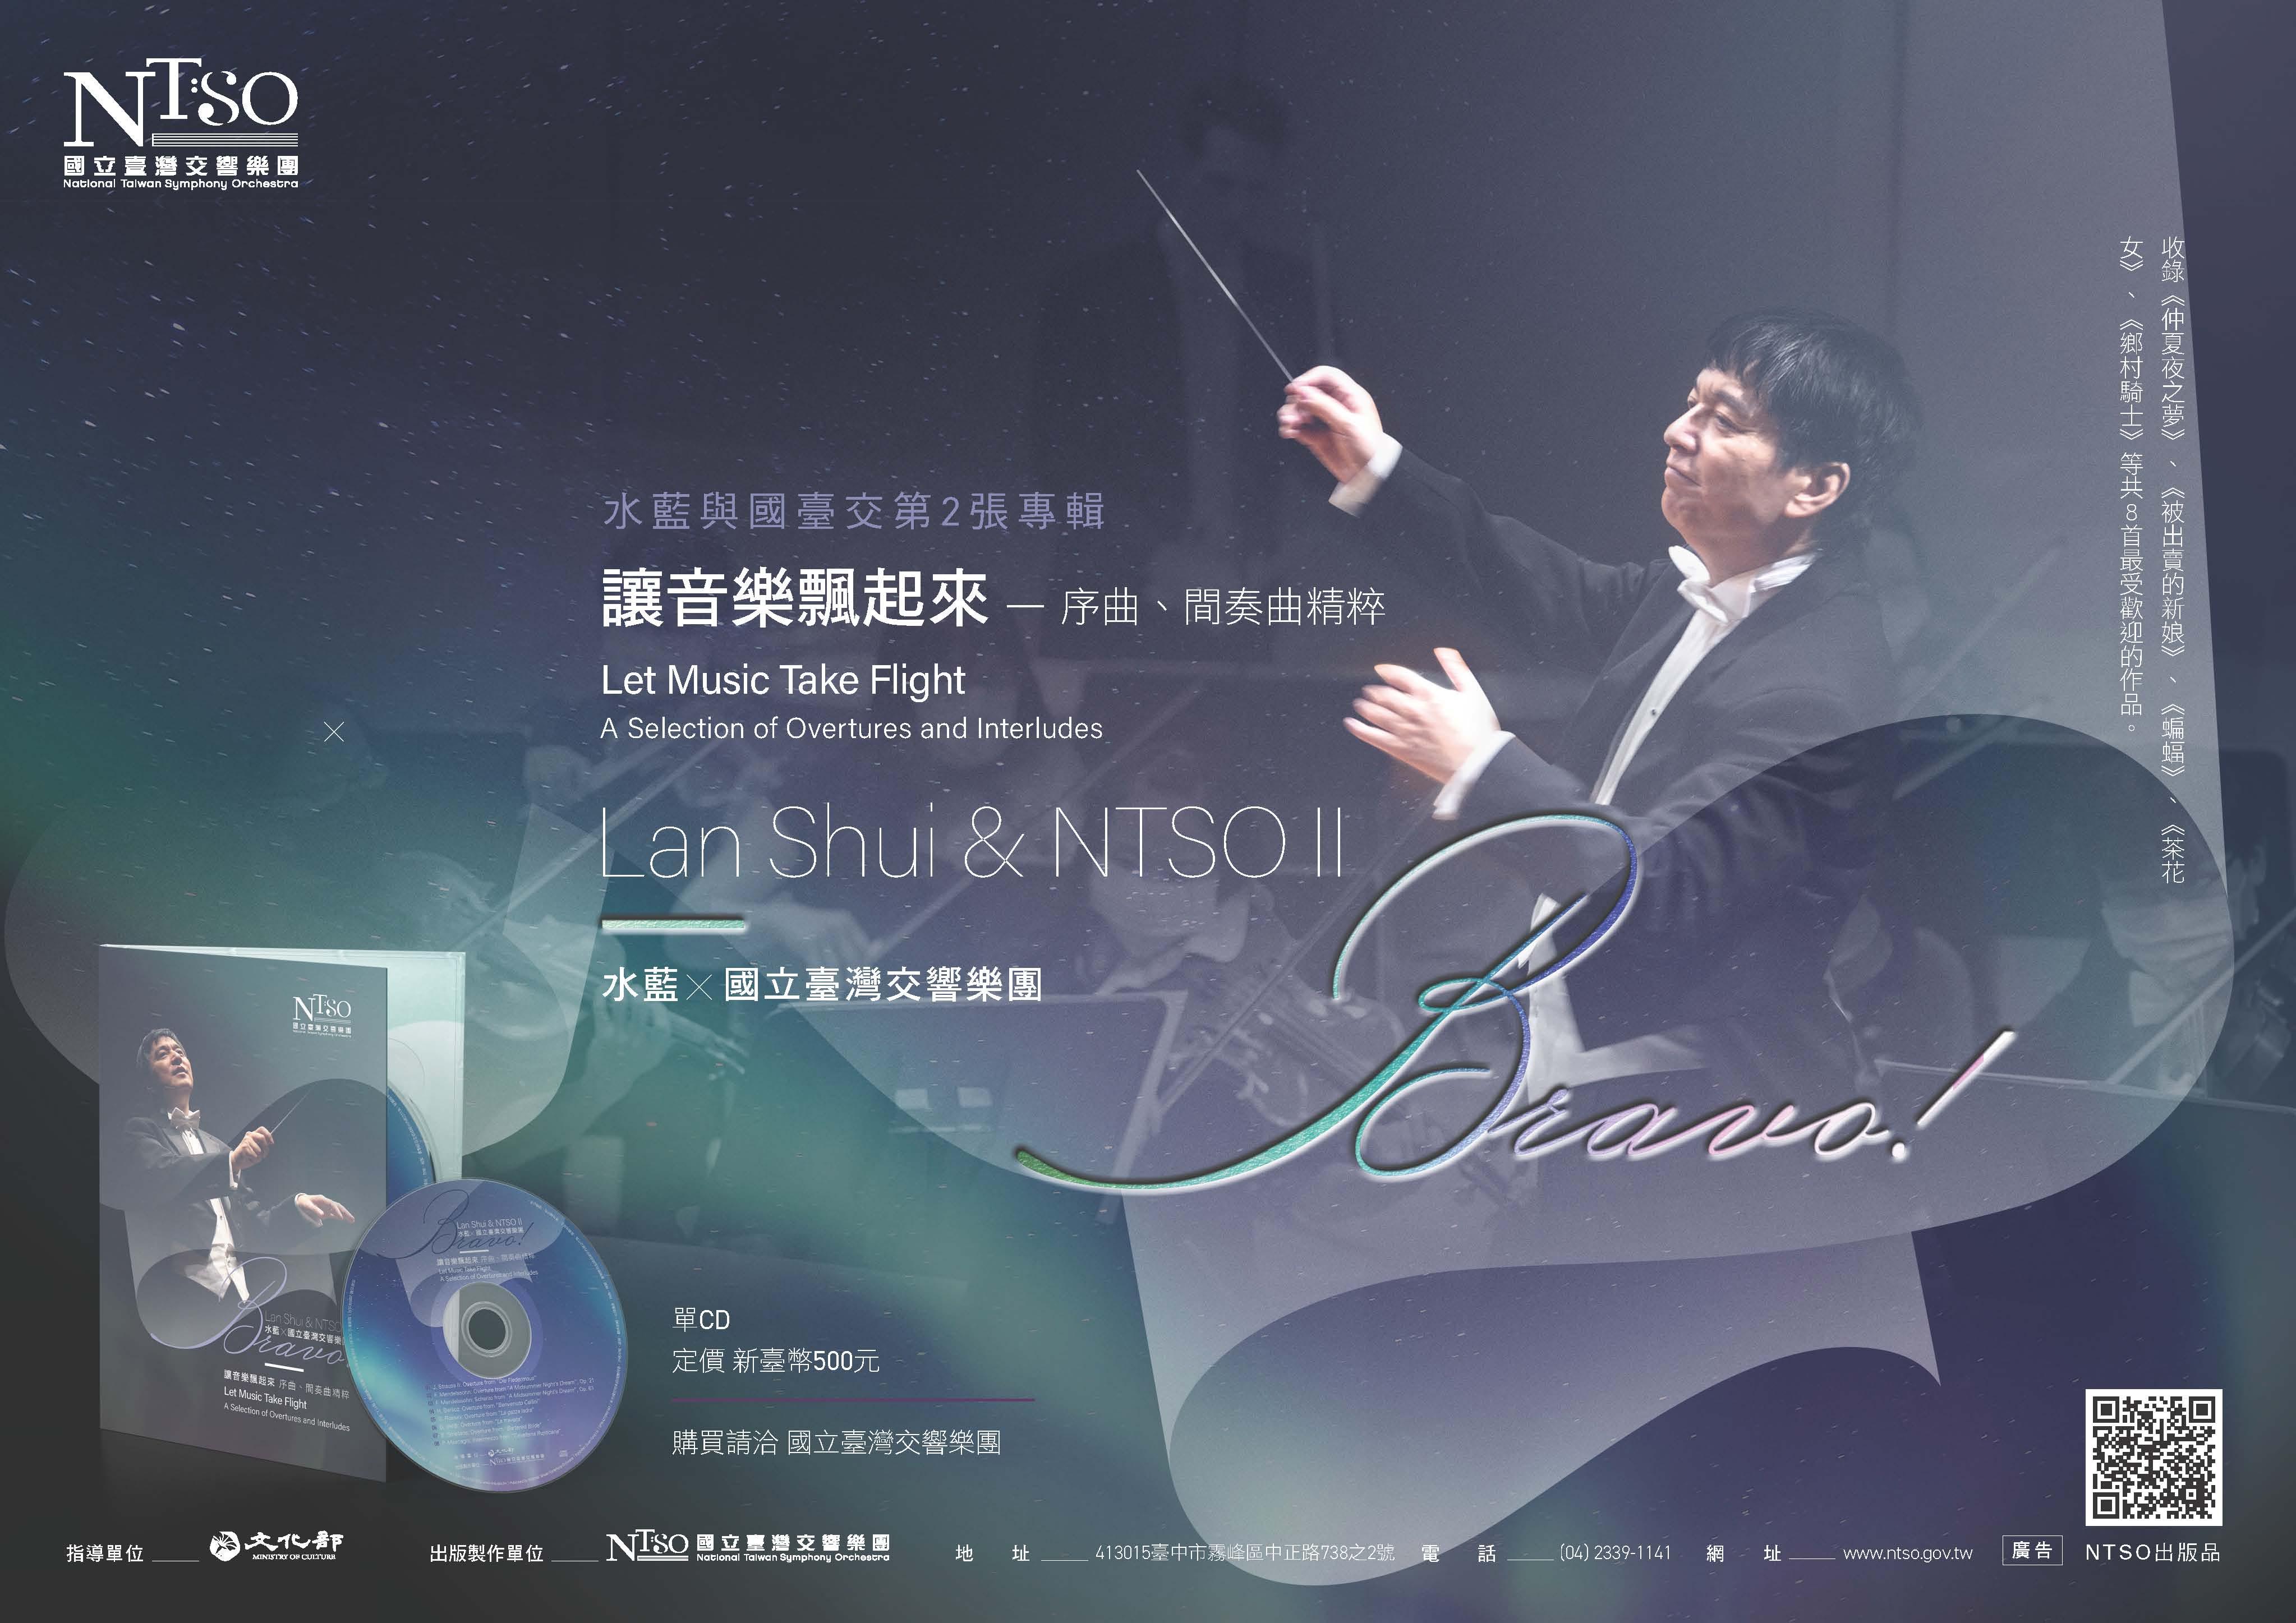 NTSO-音樂專輯_廣告_C2_頁面_2.jpg